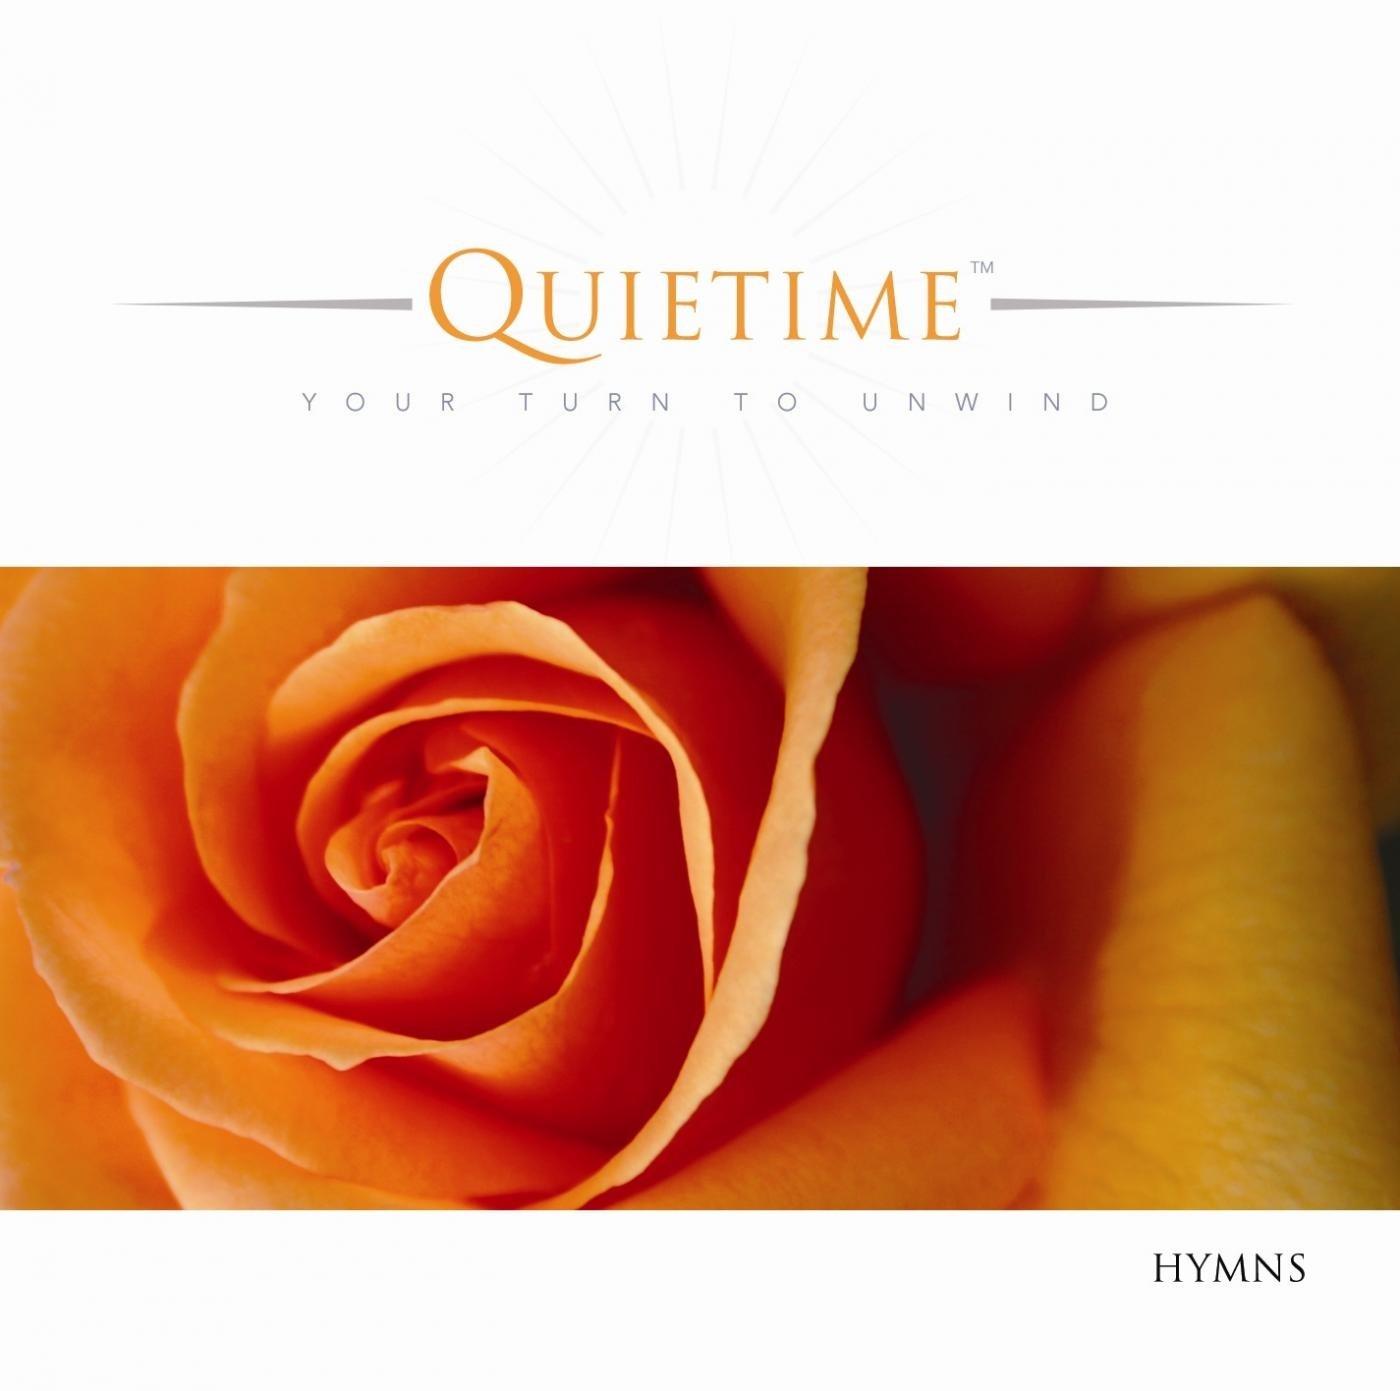 Quietime Hymns